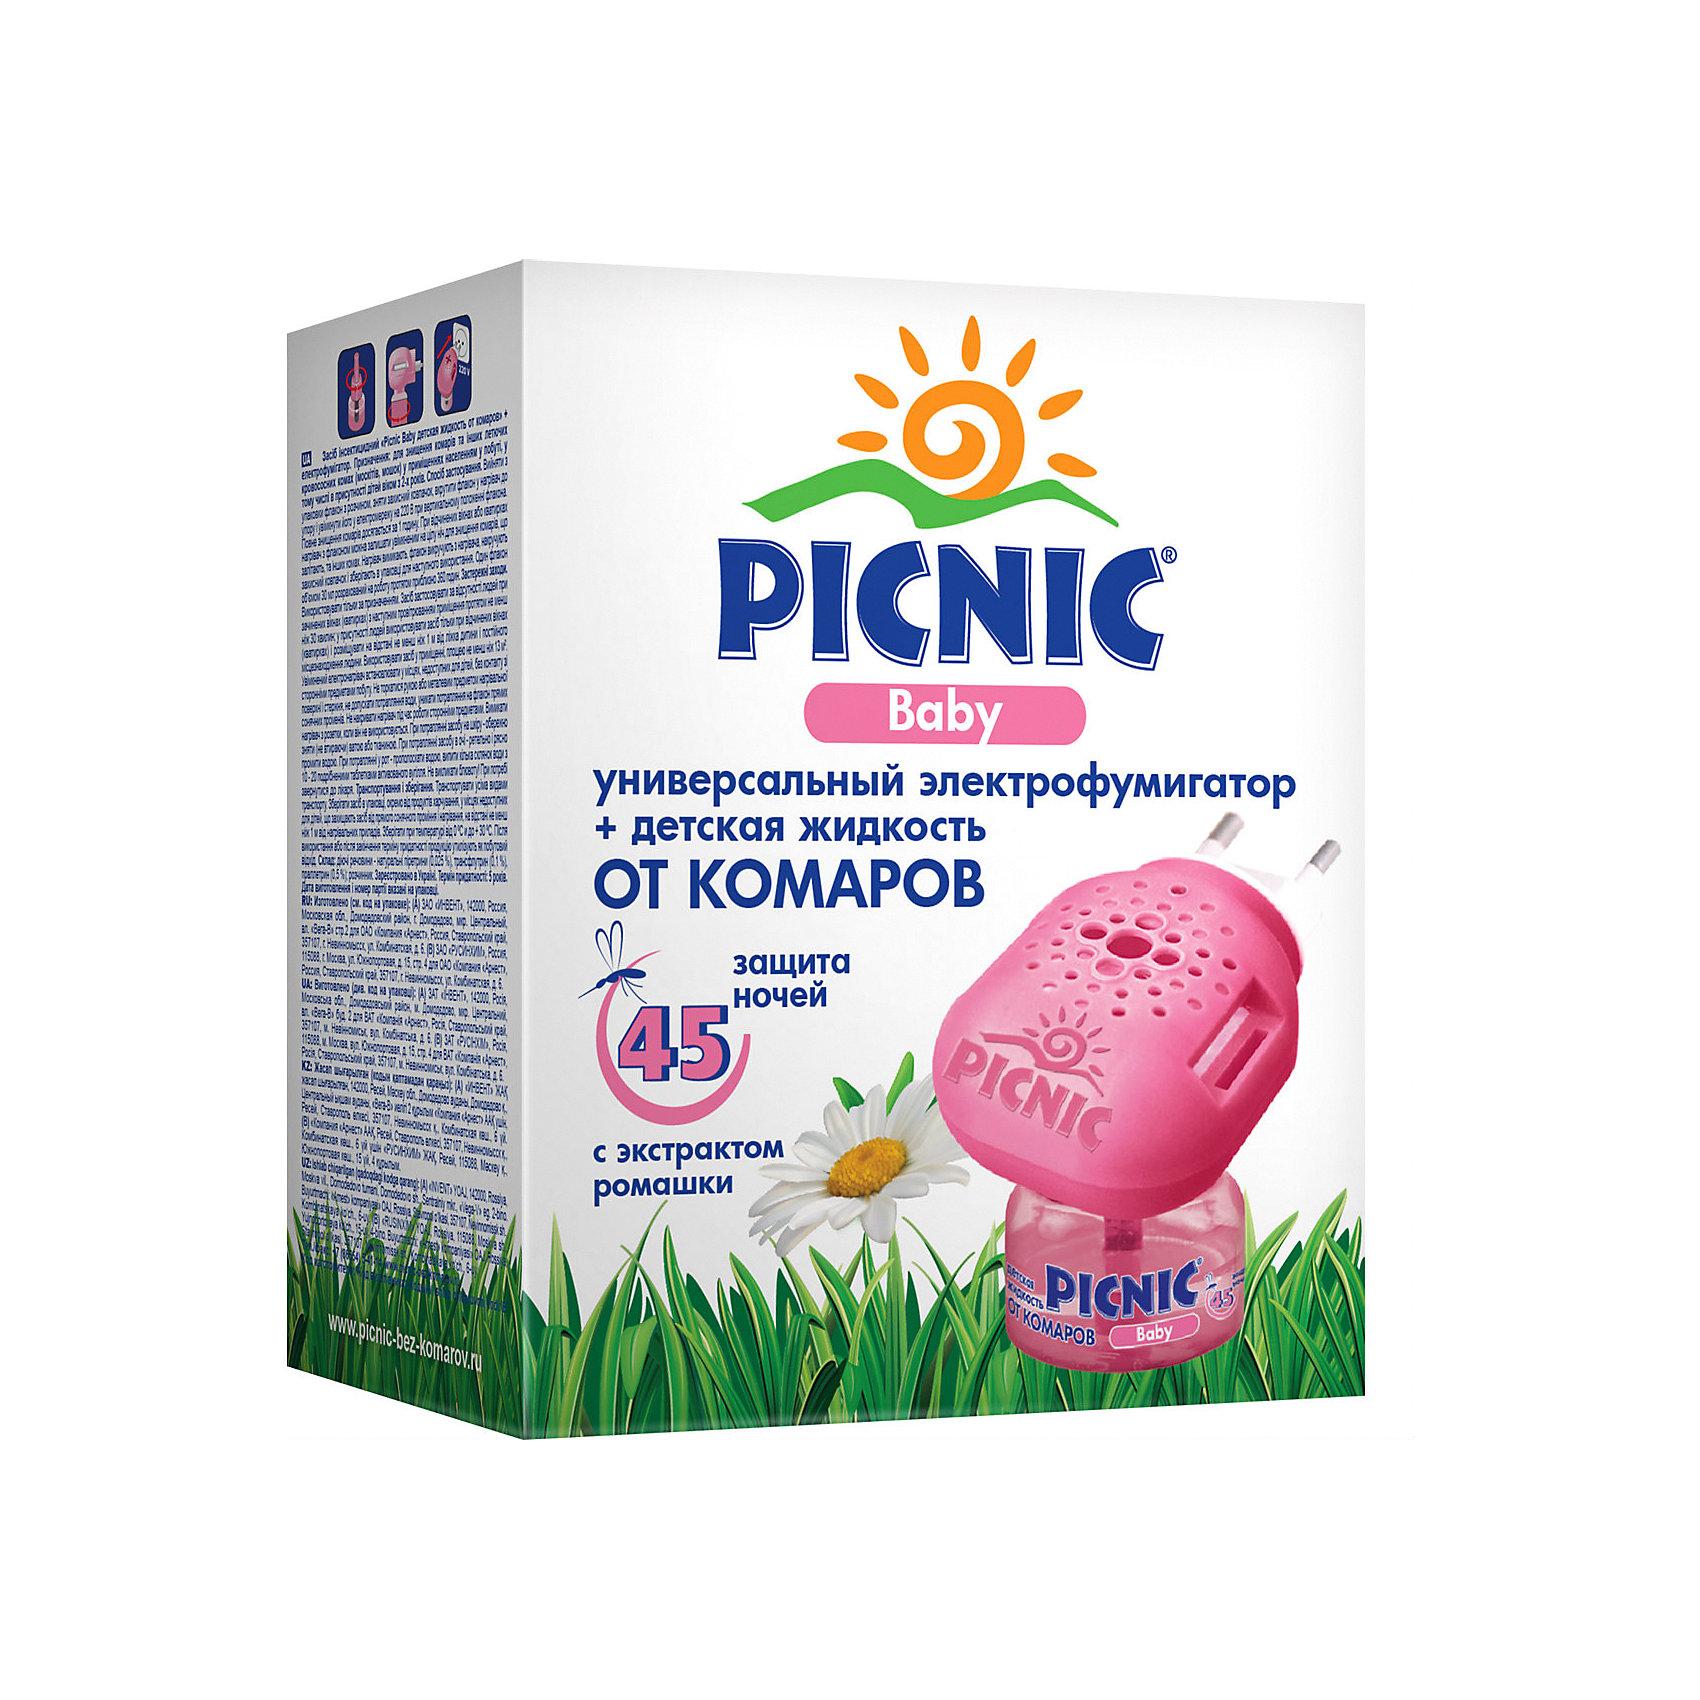 Подробнее о Picnic Фумигатор+жидкость от комаров 45 ночей, Picnic Baby комплект от комаров 45 ночей фумигатор ликвид 10 ппластин чистый дом